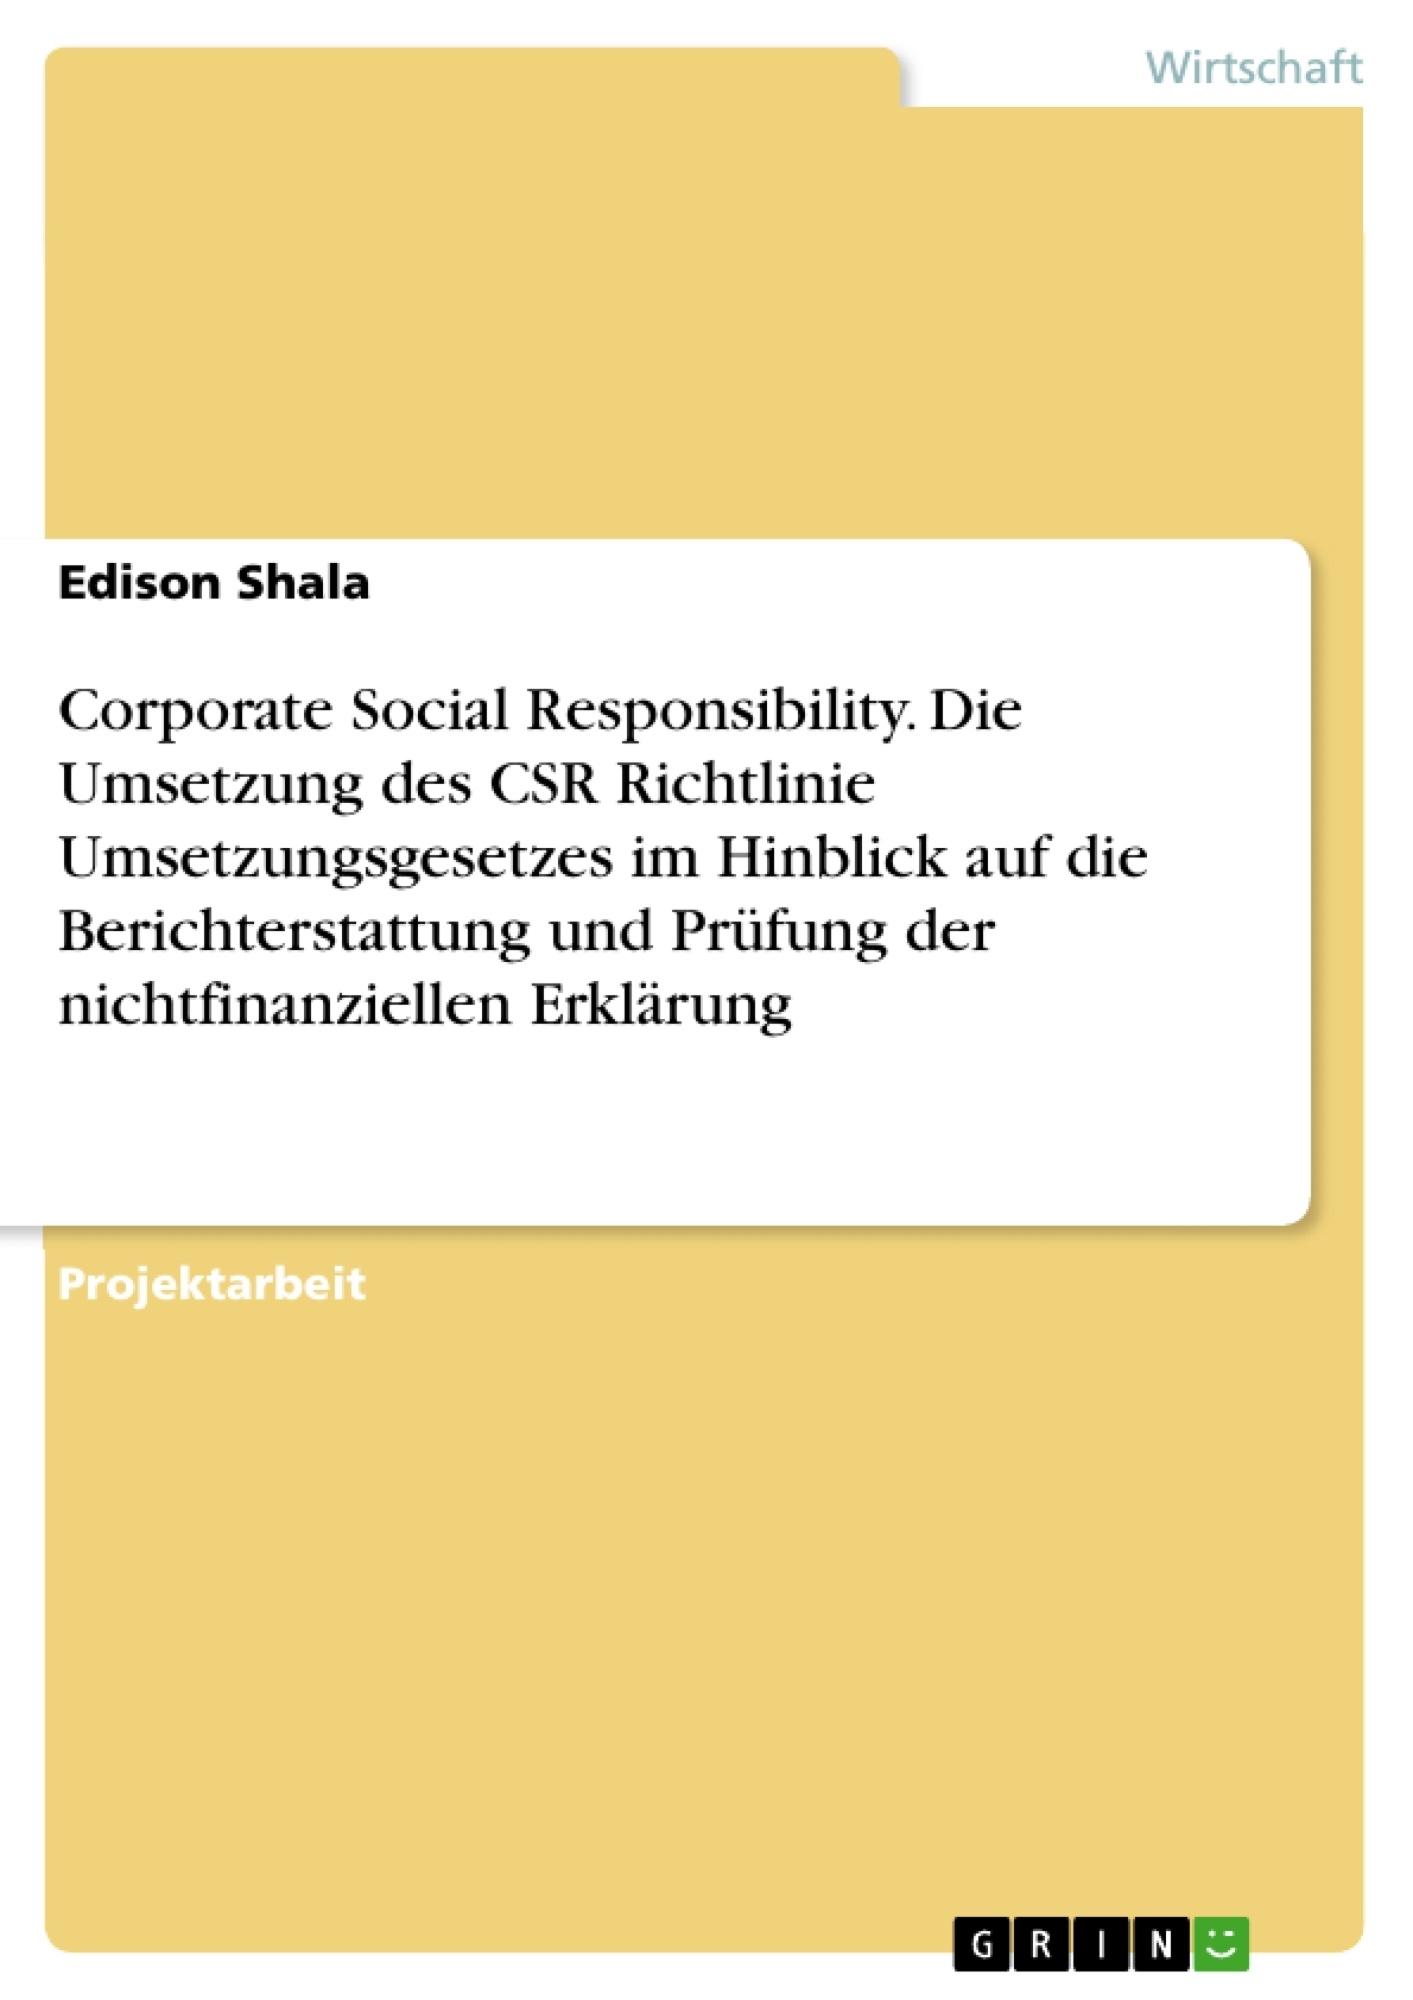 Titel: Corporate Social Responsibility. Die Umsetzung des CSR Richtlinie Umsetzungsgesetzes im Hinblick auf die Berichterstattung und Prüfung der nichtfinanziellen Erklärung